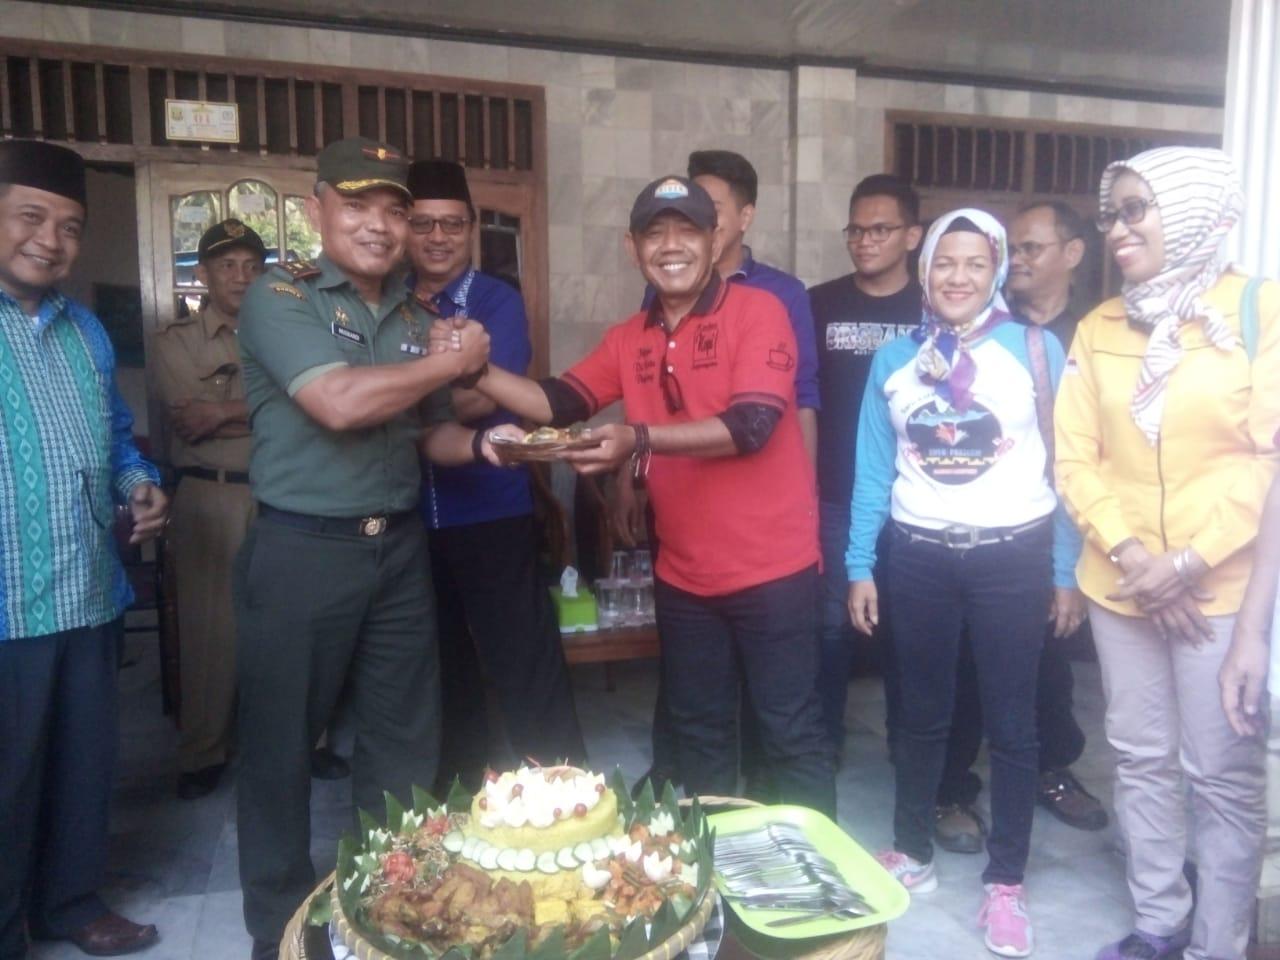 Wakil Bupati Tanggamus Hi. AM. Syafi'i, Hadiri Do'a Bersama Dalam Rangka Peresmian Balai Pekon Batu Keramat